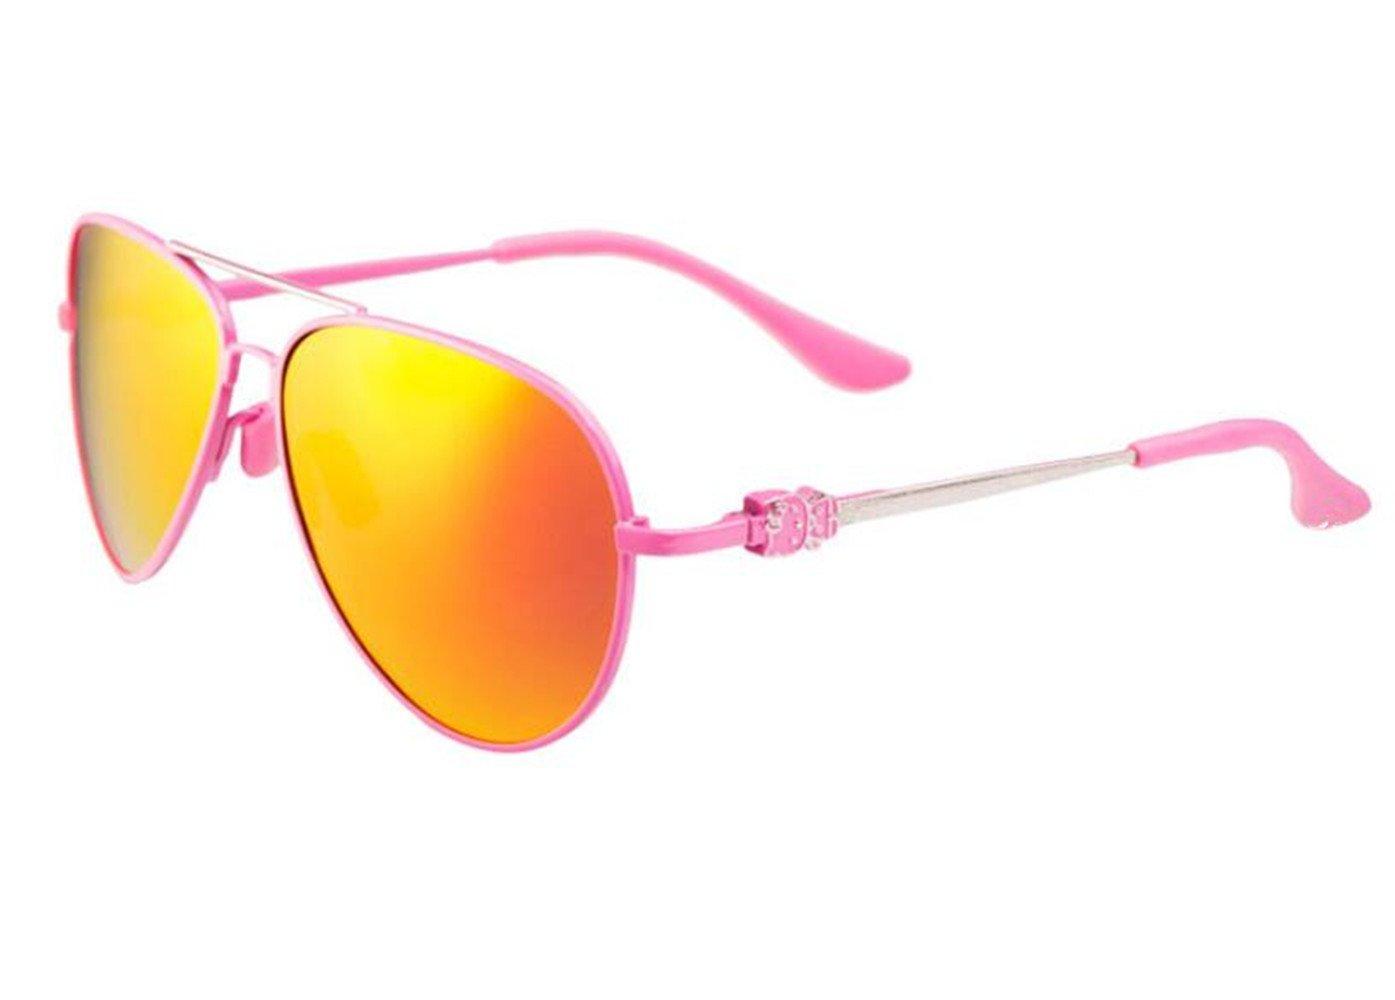 SHULING Sonnenbrille Kinder Polarisierte Sonnenbrillen Kröte Spiegel Sonnenbrille